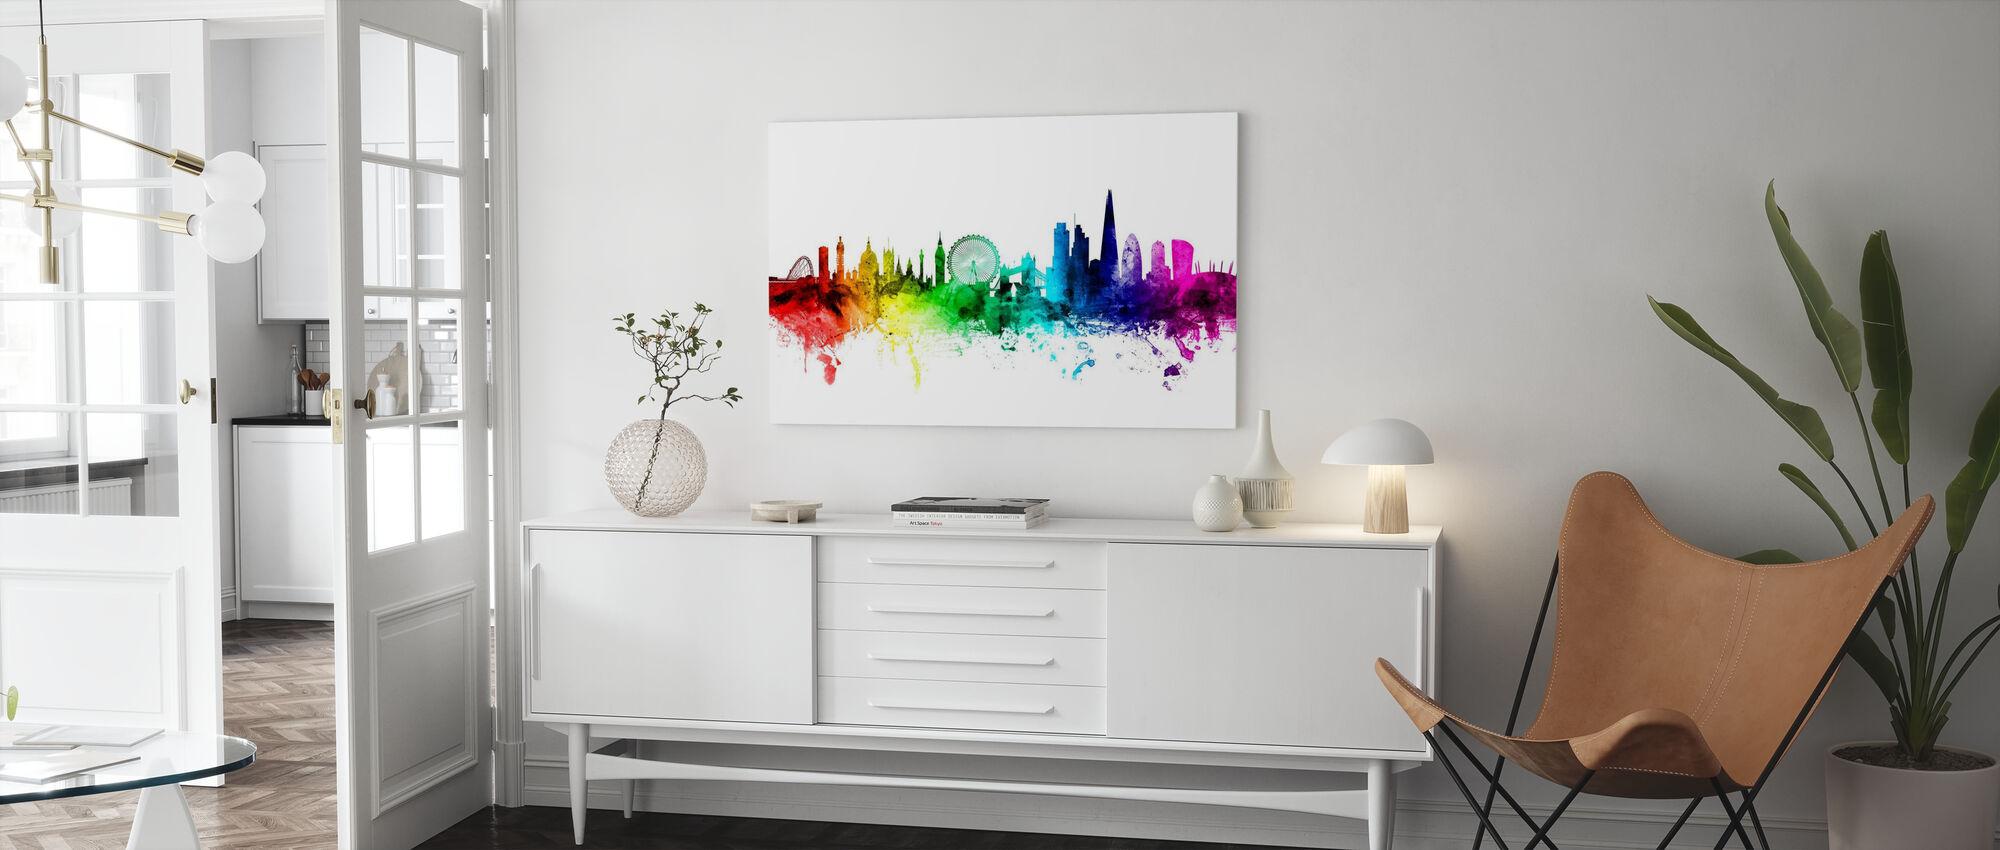 London Skyline Regenbogen - Leinwandbild - Wohnzimmer